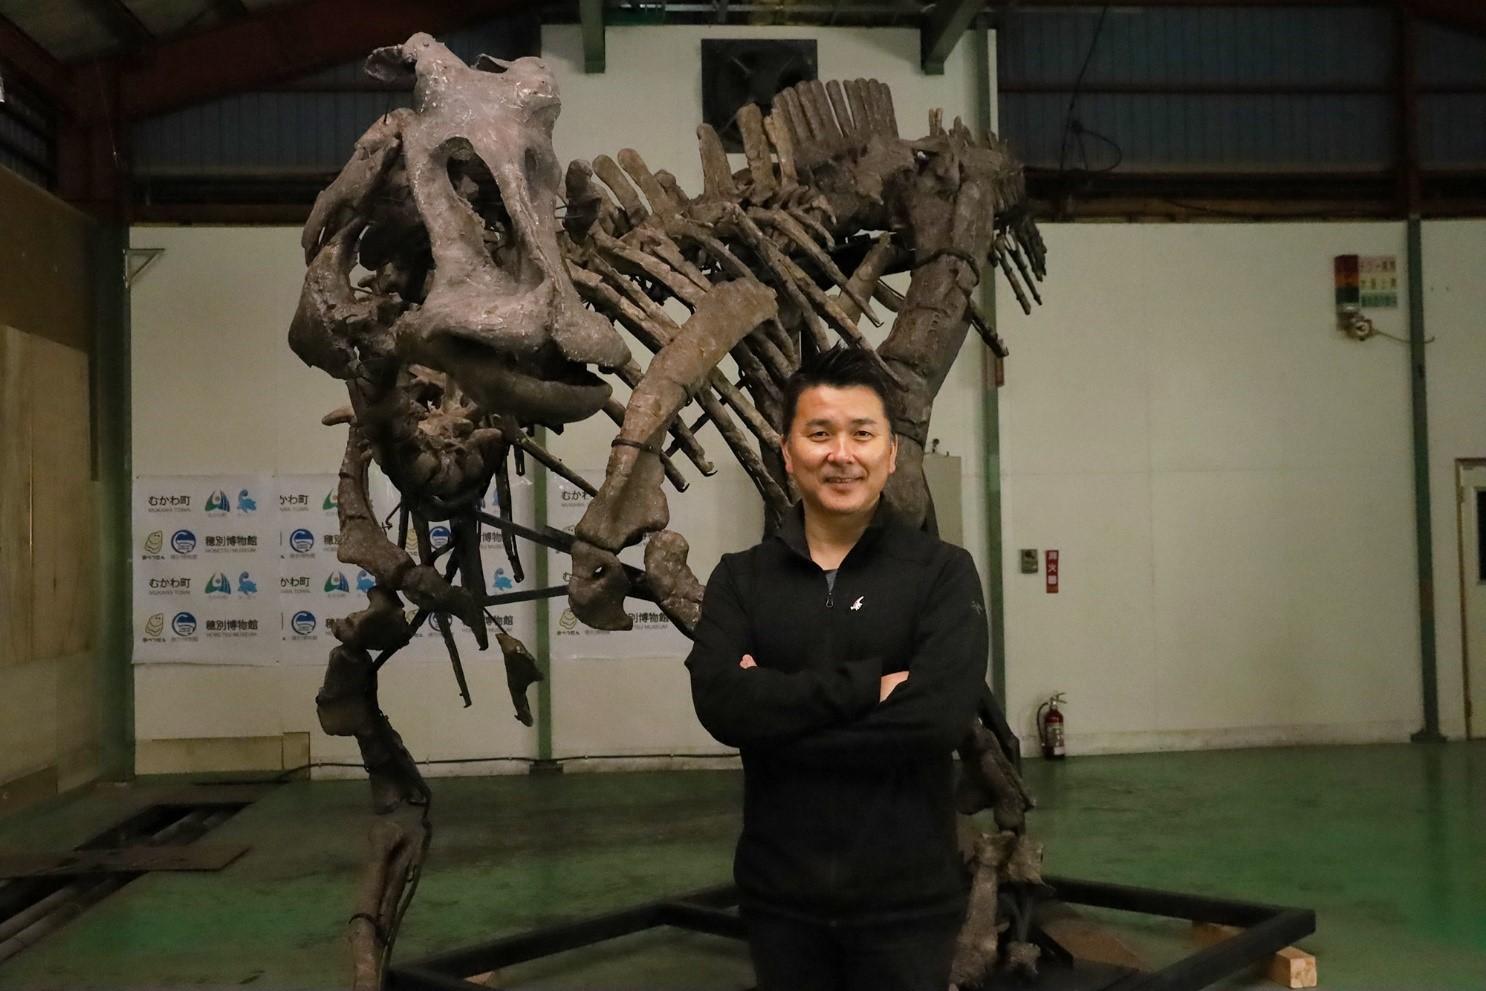 上野 恐竜 博